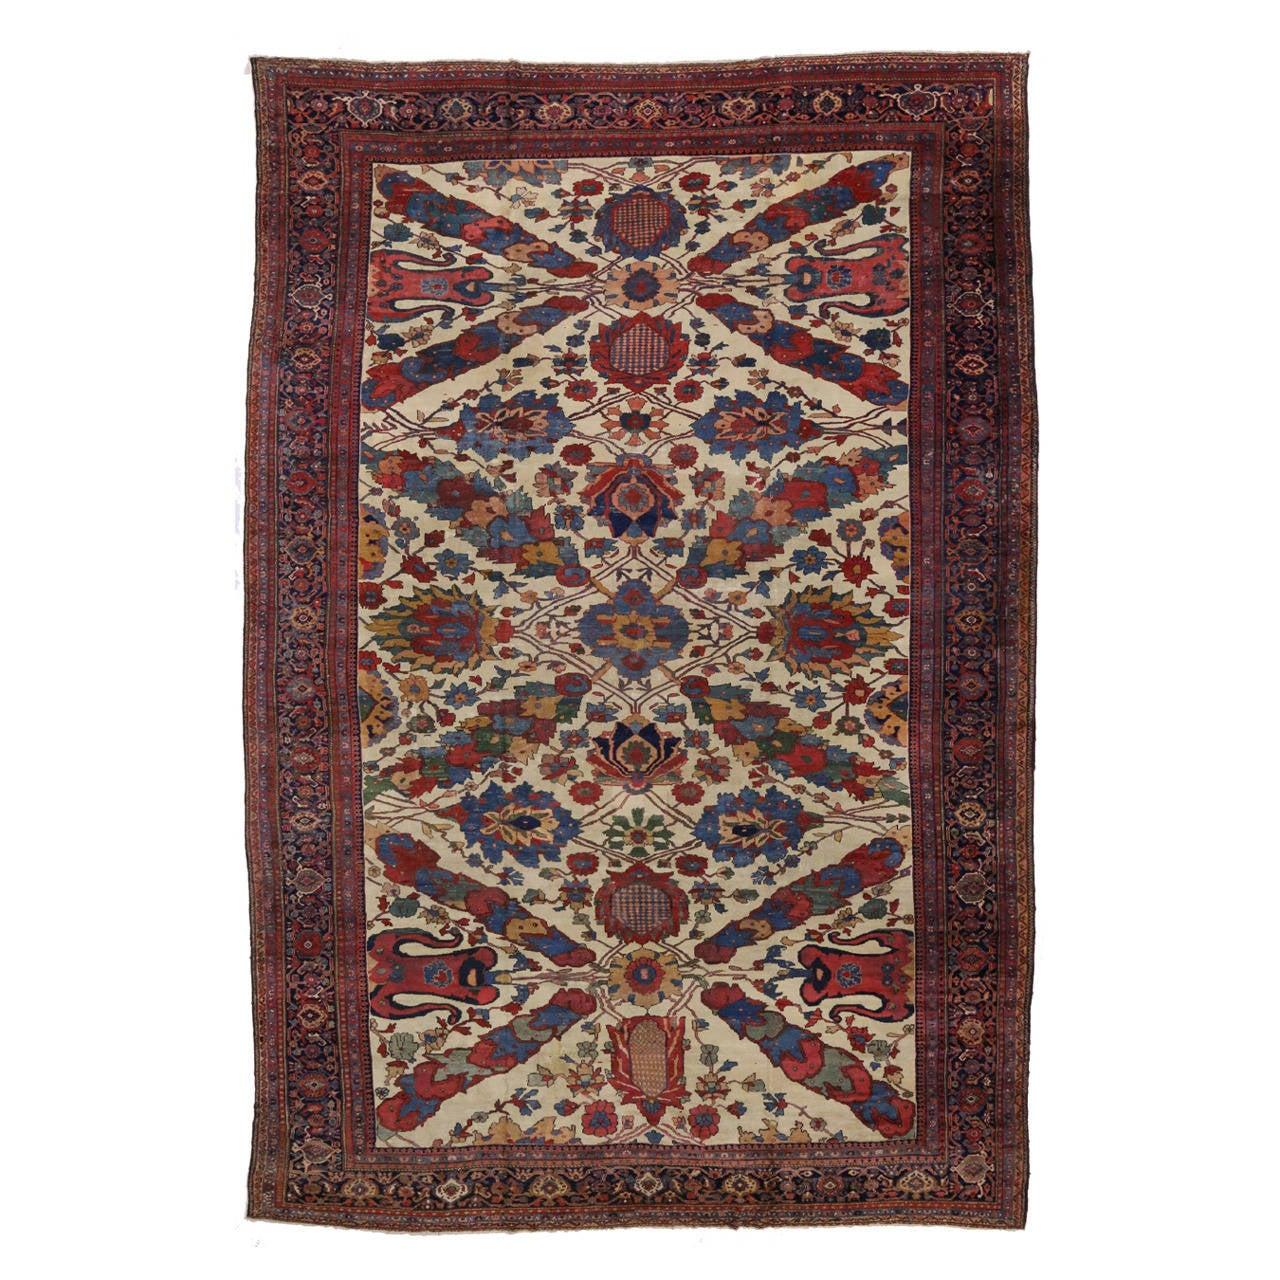 Antique Persian Ziegler Mahal Sultanabad Oversize Rug